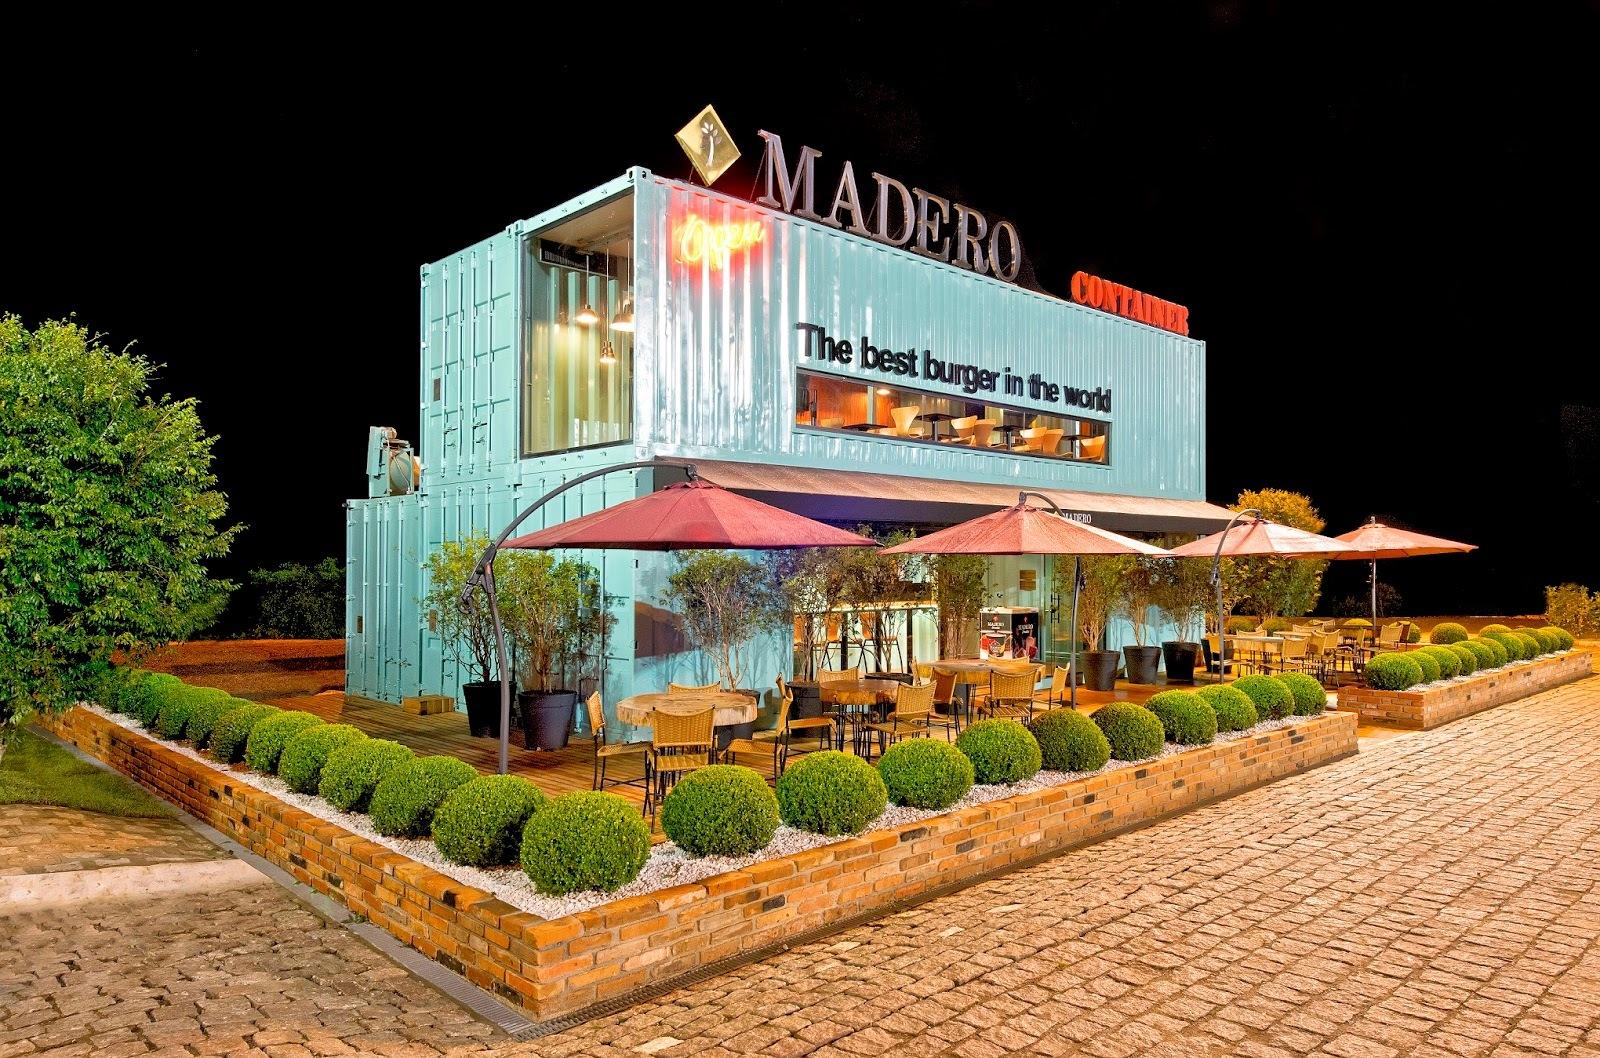 [NOTÍCIAS] Primeira unidade do Madero Container chega a SC